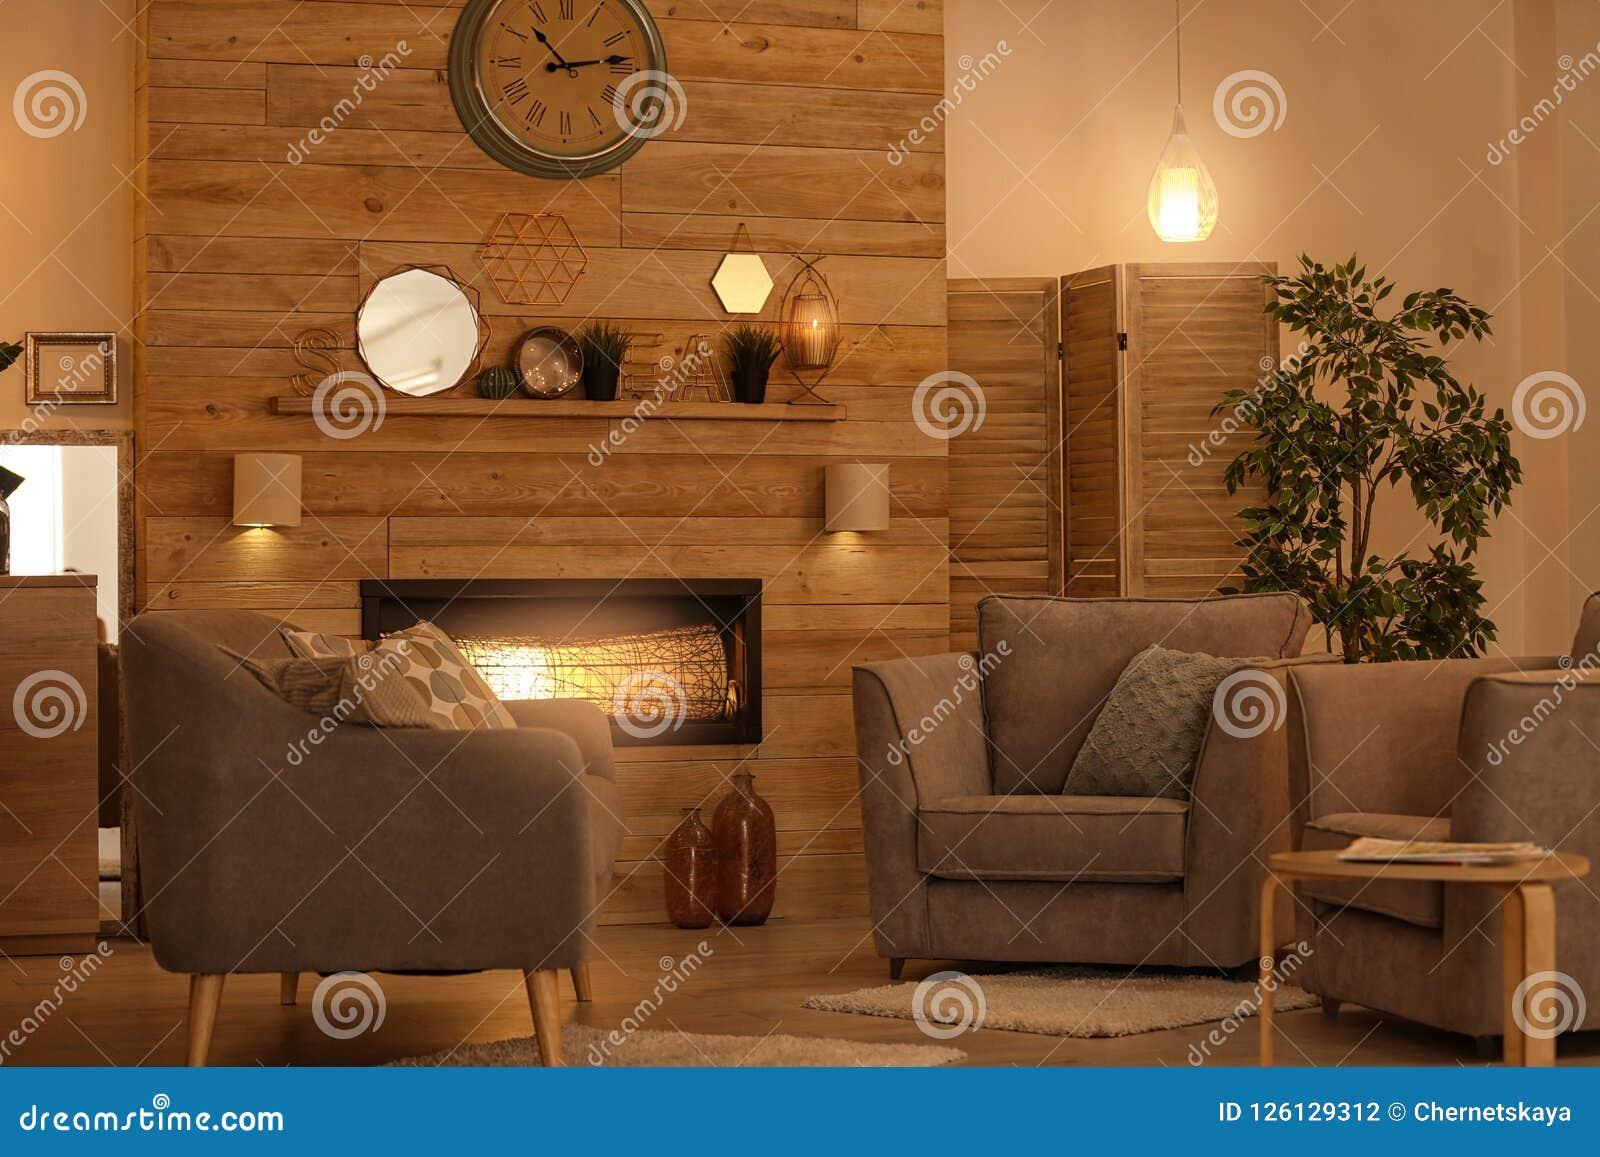 Comfortabel woonkamerbinnenland met comfortabel meubilair